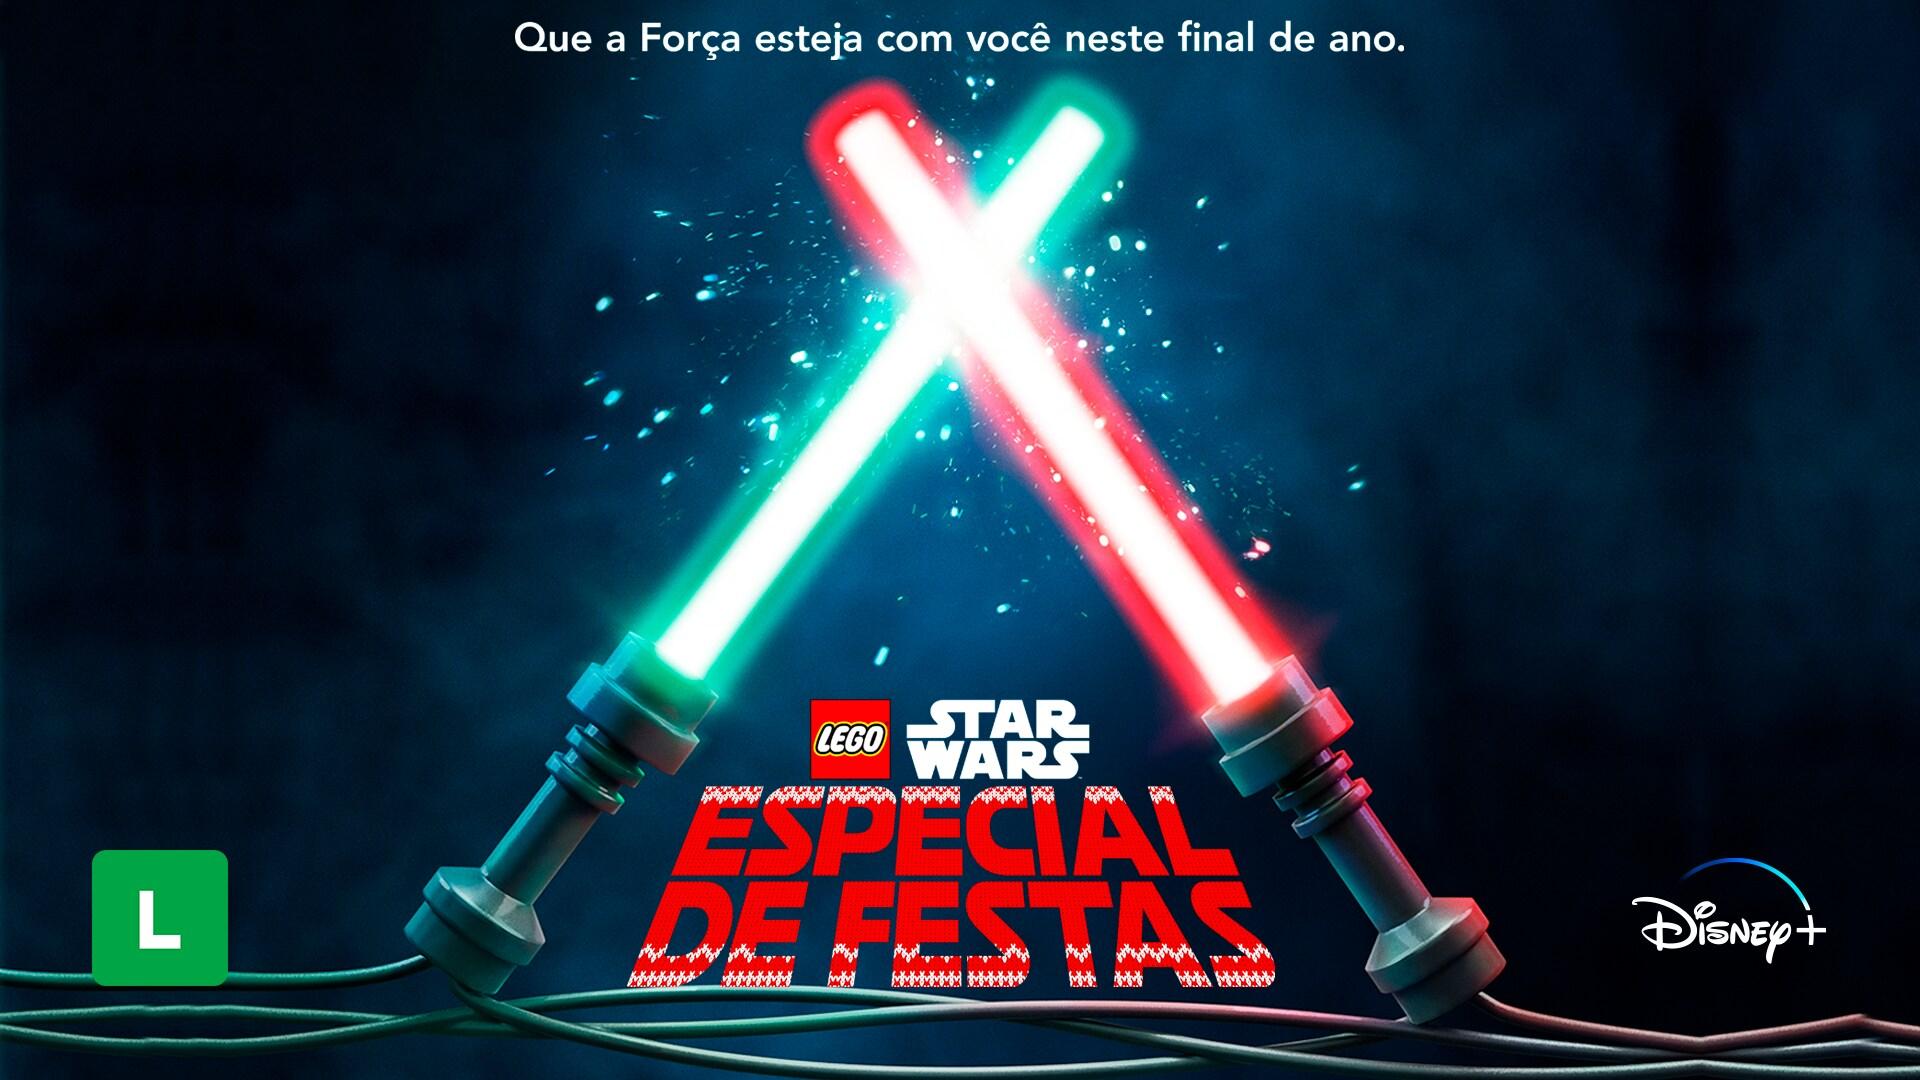 LEGO Star Wars: Especial de Festas Trailer